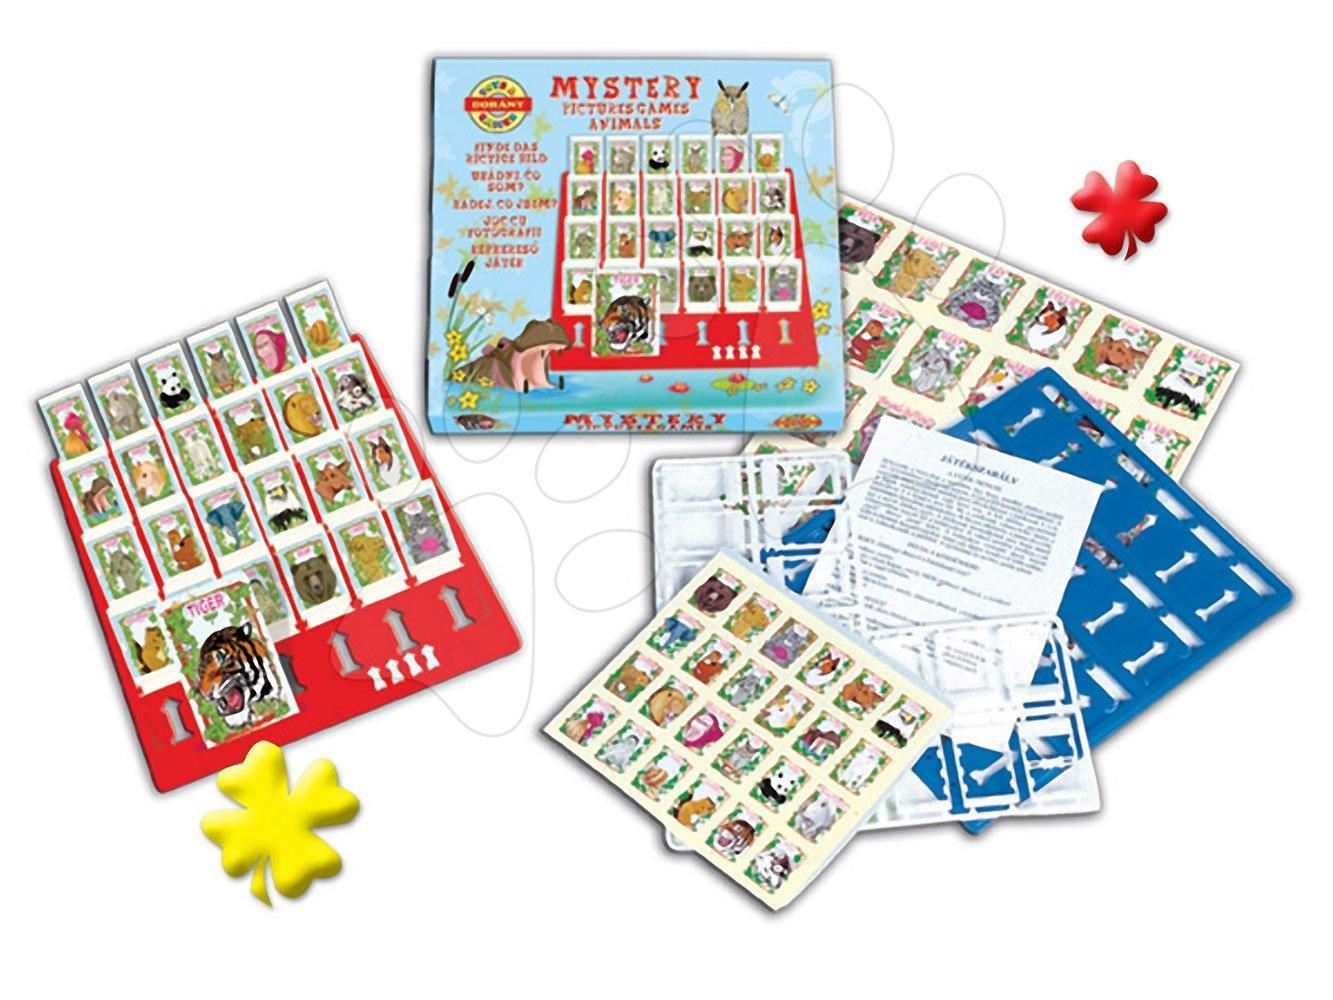 Společenské hry pro děti - Společenská hra Hádej kdo jsem? Dohány se safari zvířátky